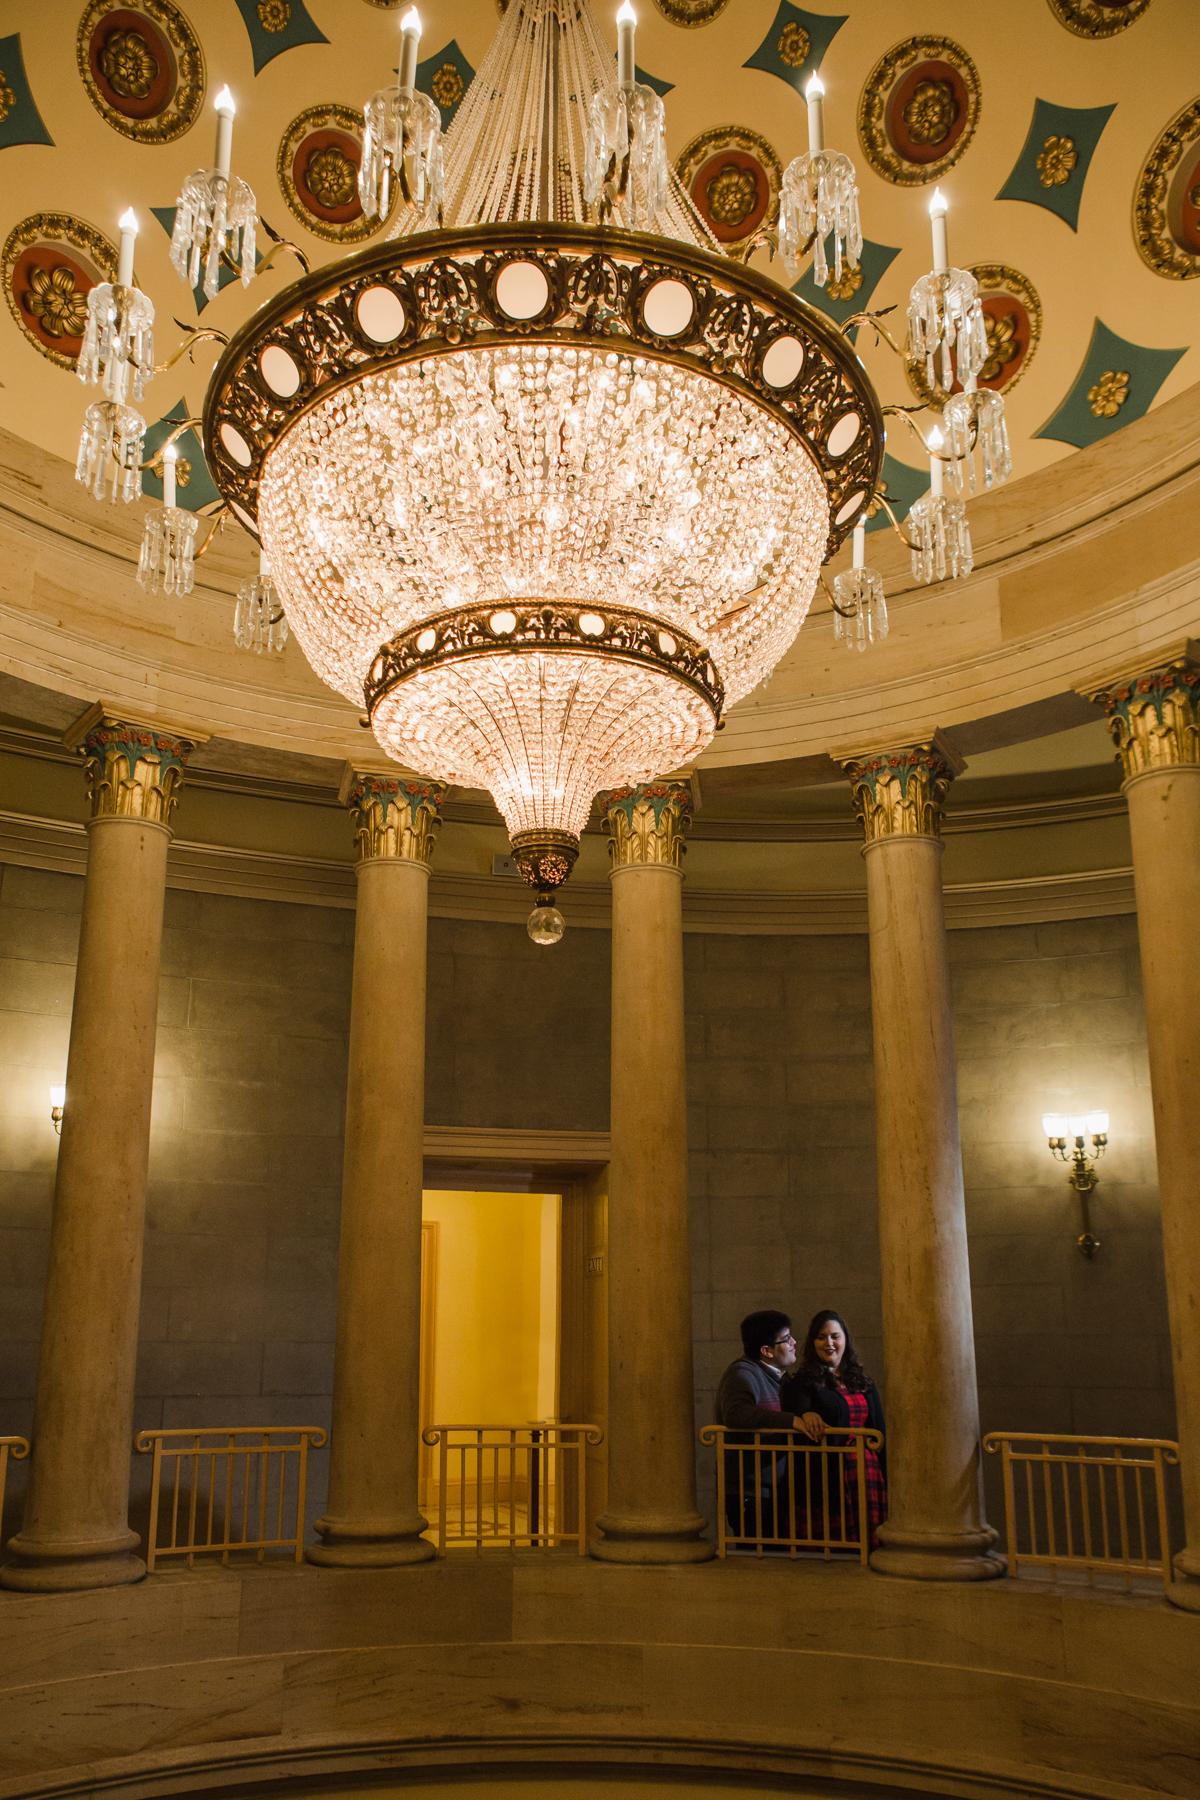 Small Senate Rotunda, US Capitol